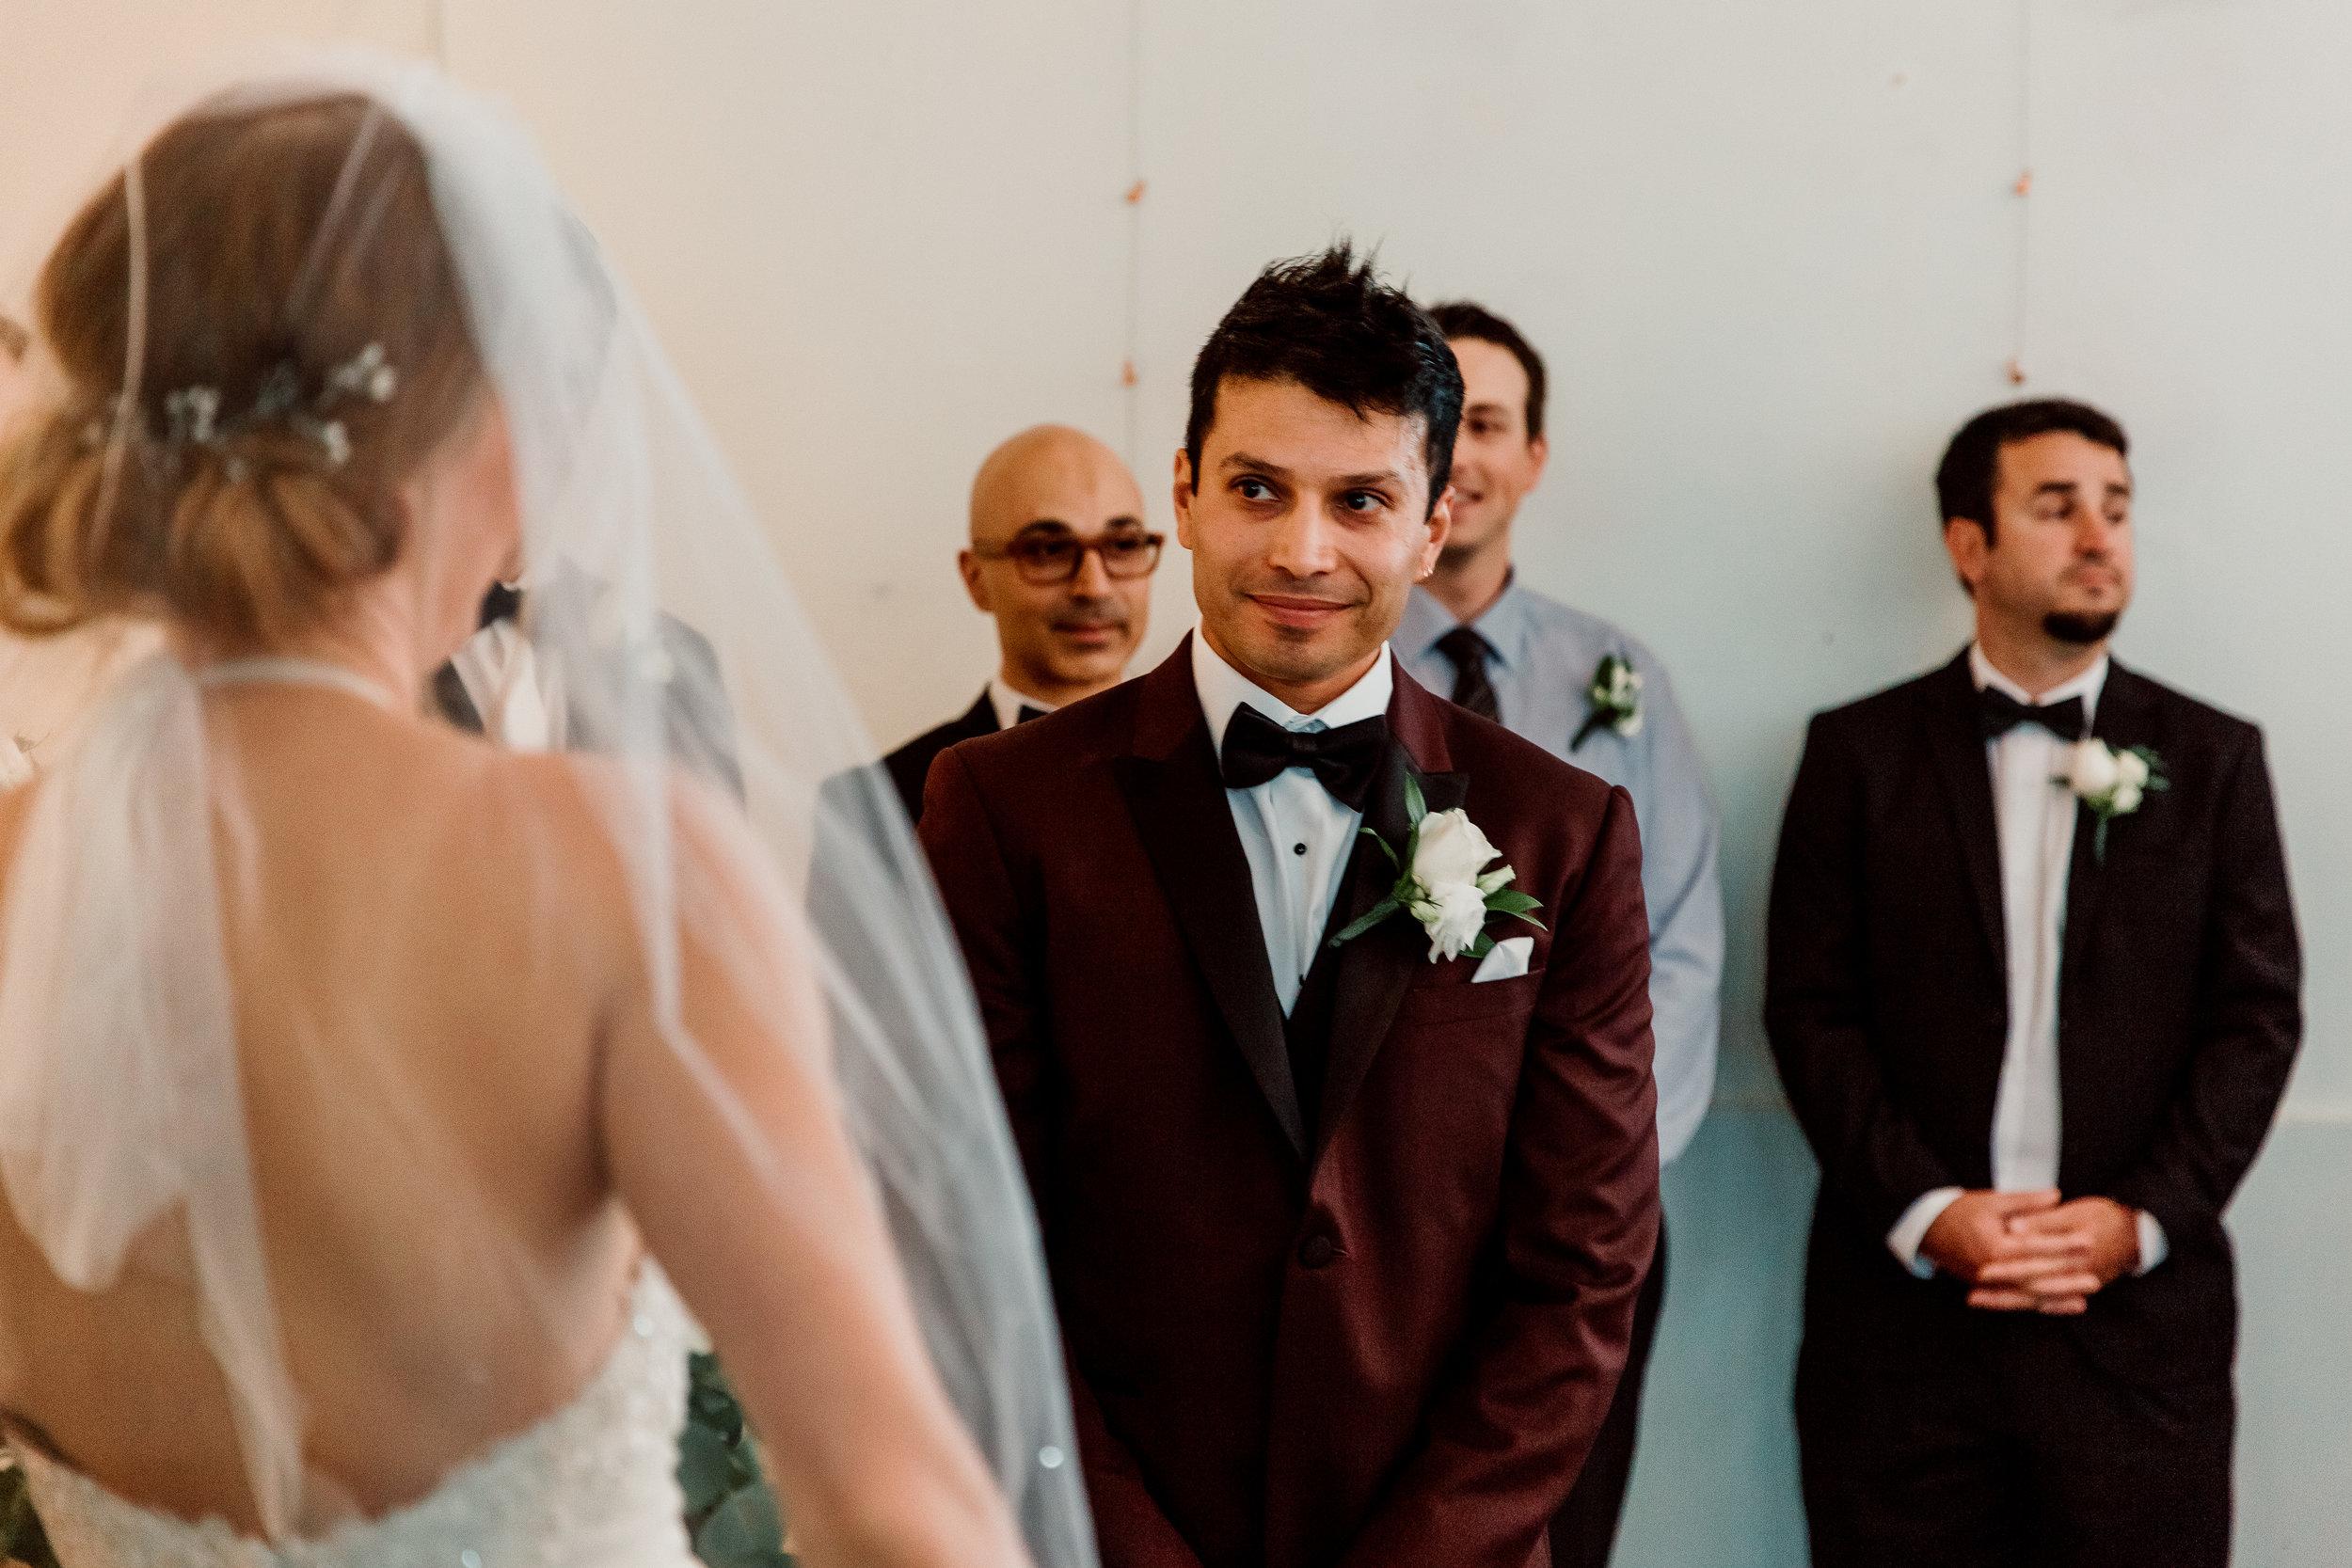 100-braid-st-wedding